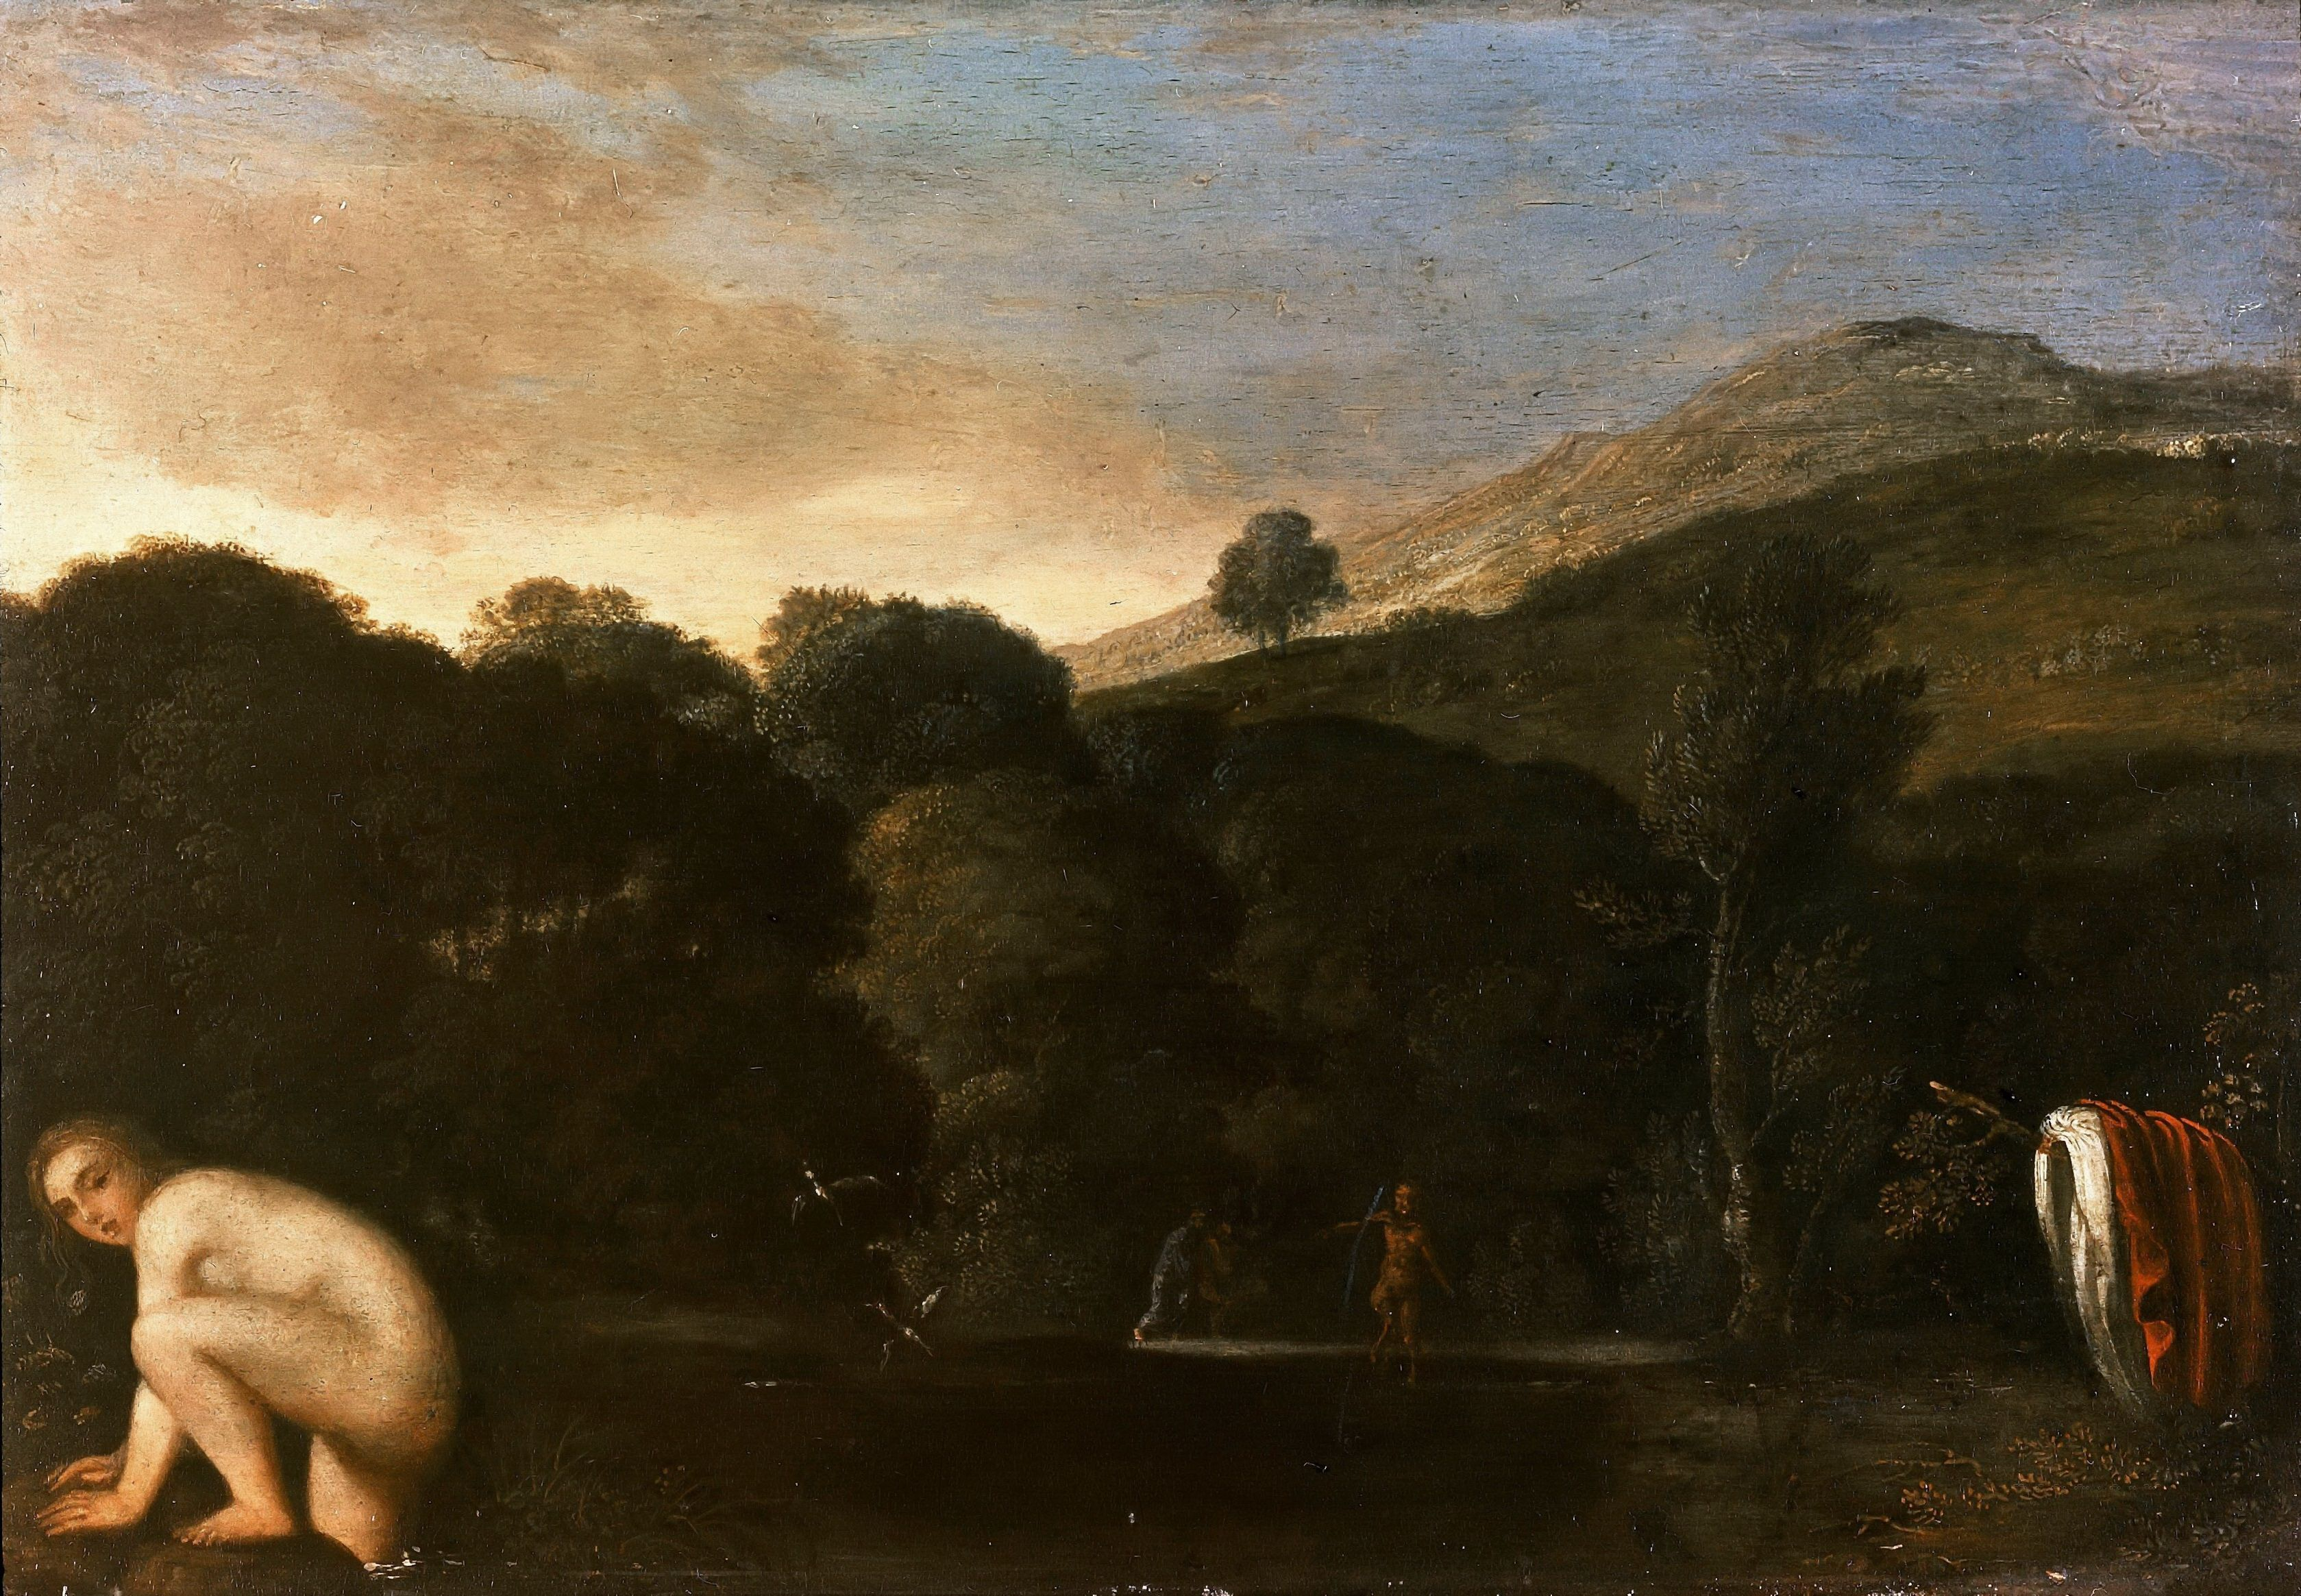 Adam Elsheimer ~ Een nimf op de vlucht voor saters ~ ca. 1609 ~ Olieverf op koper ~ 14 x 20 cm. ~ Gemäldegalerie der Staatlichen Museen zu Berlin